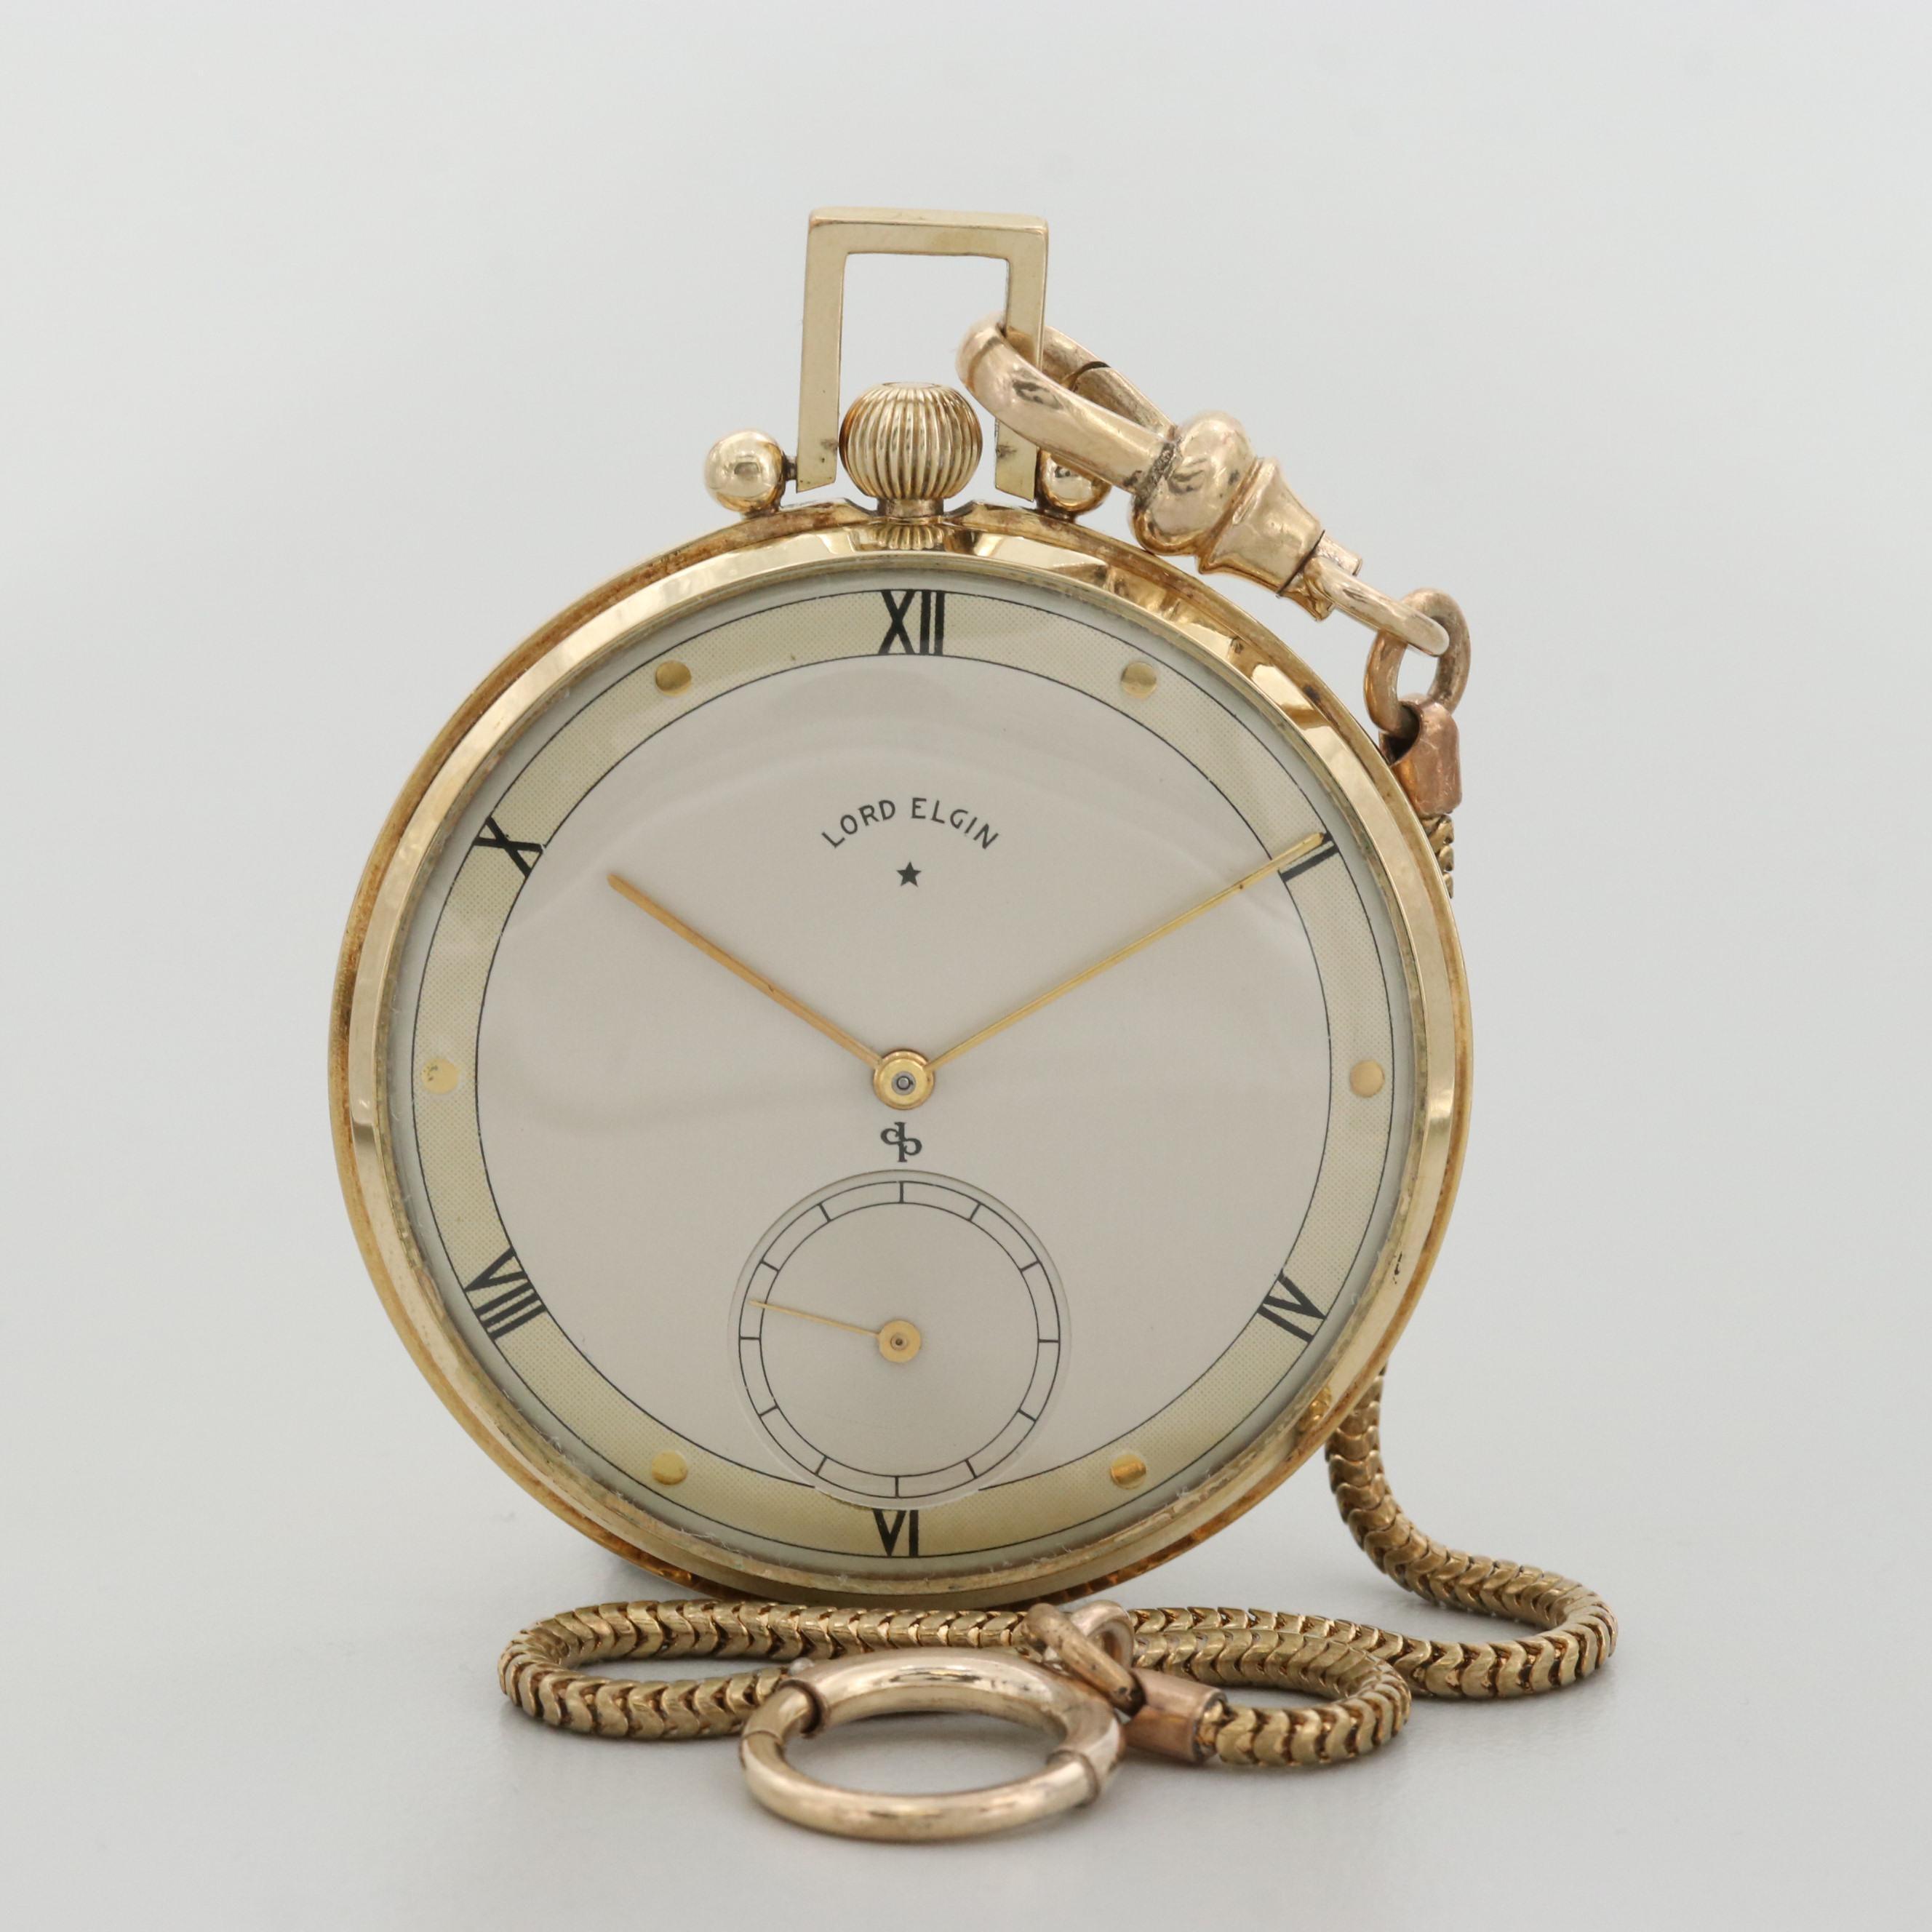 Vintage Lord Elgin 14K Gold Filled Pocket Watch, 1946